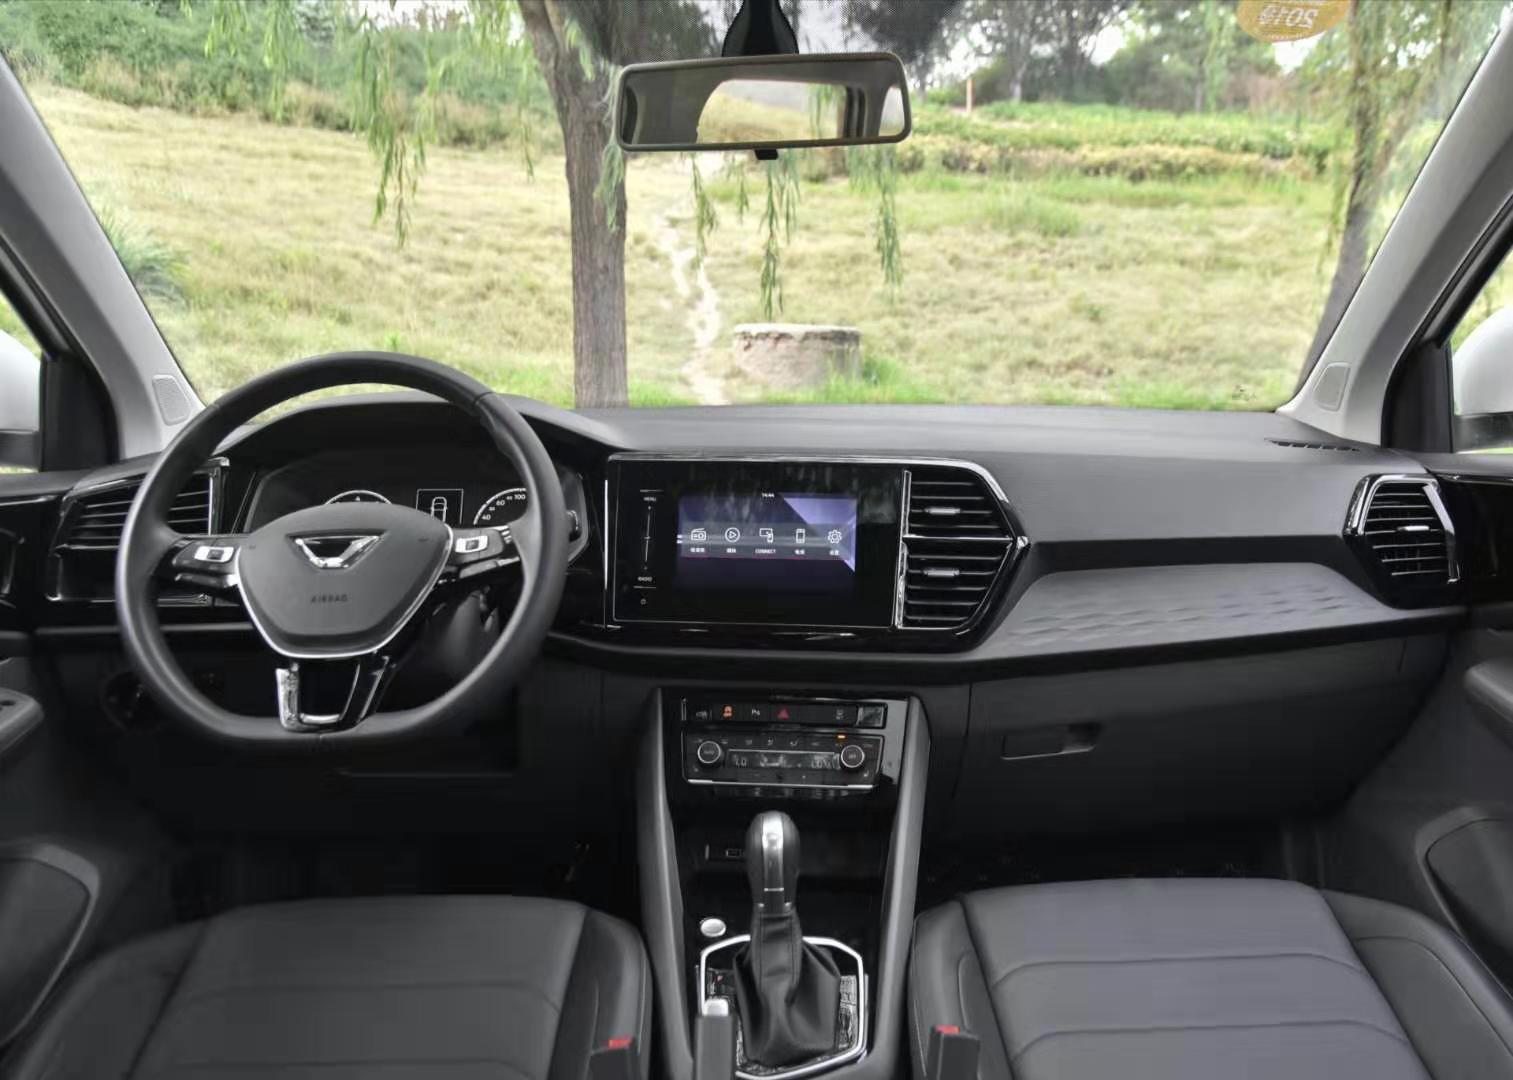 车价网:捷达首款车型VS5启动预售 预售价8.98万起